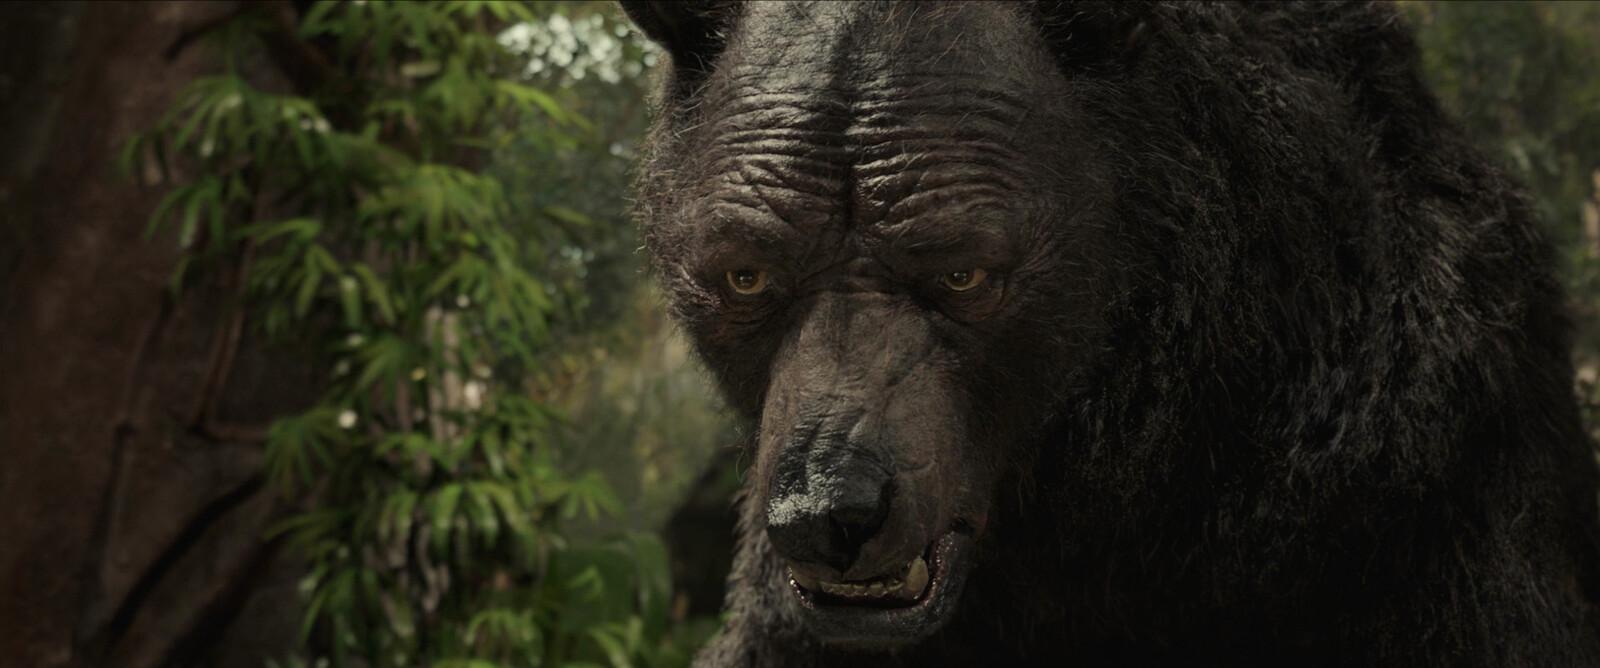 Baloo close up 02